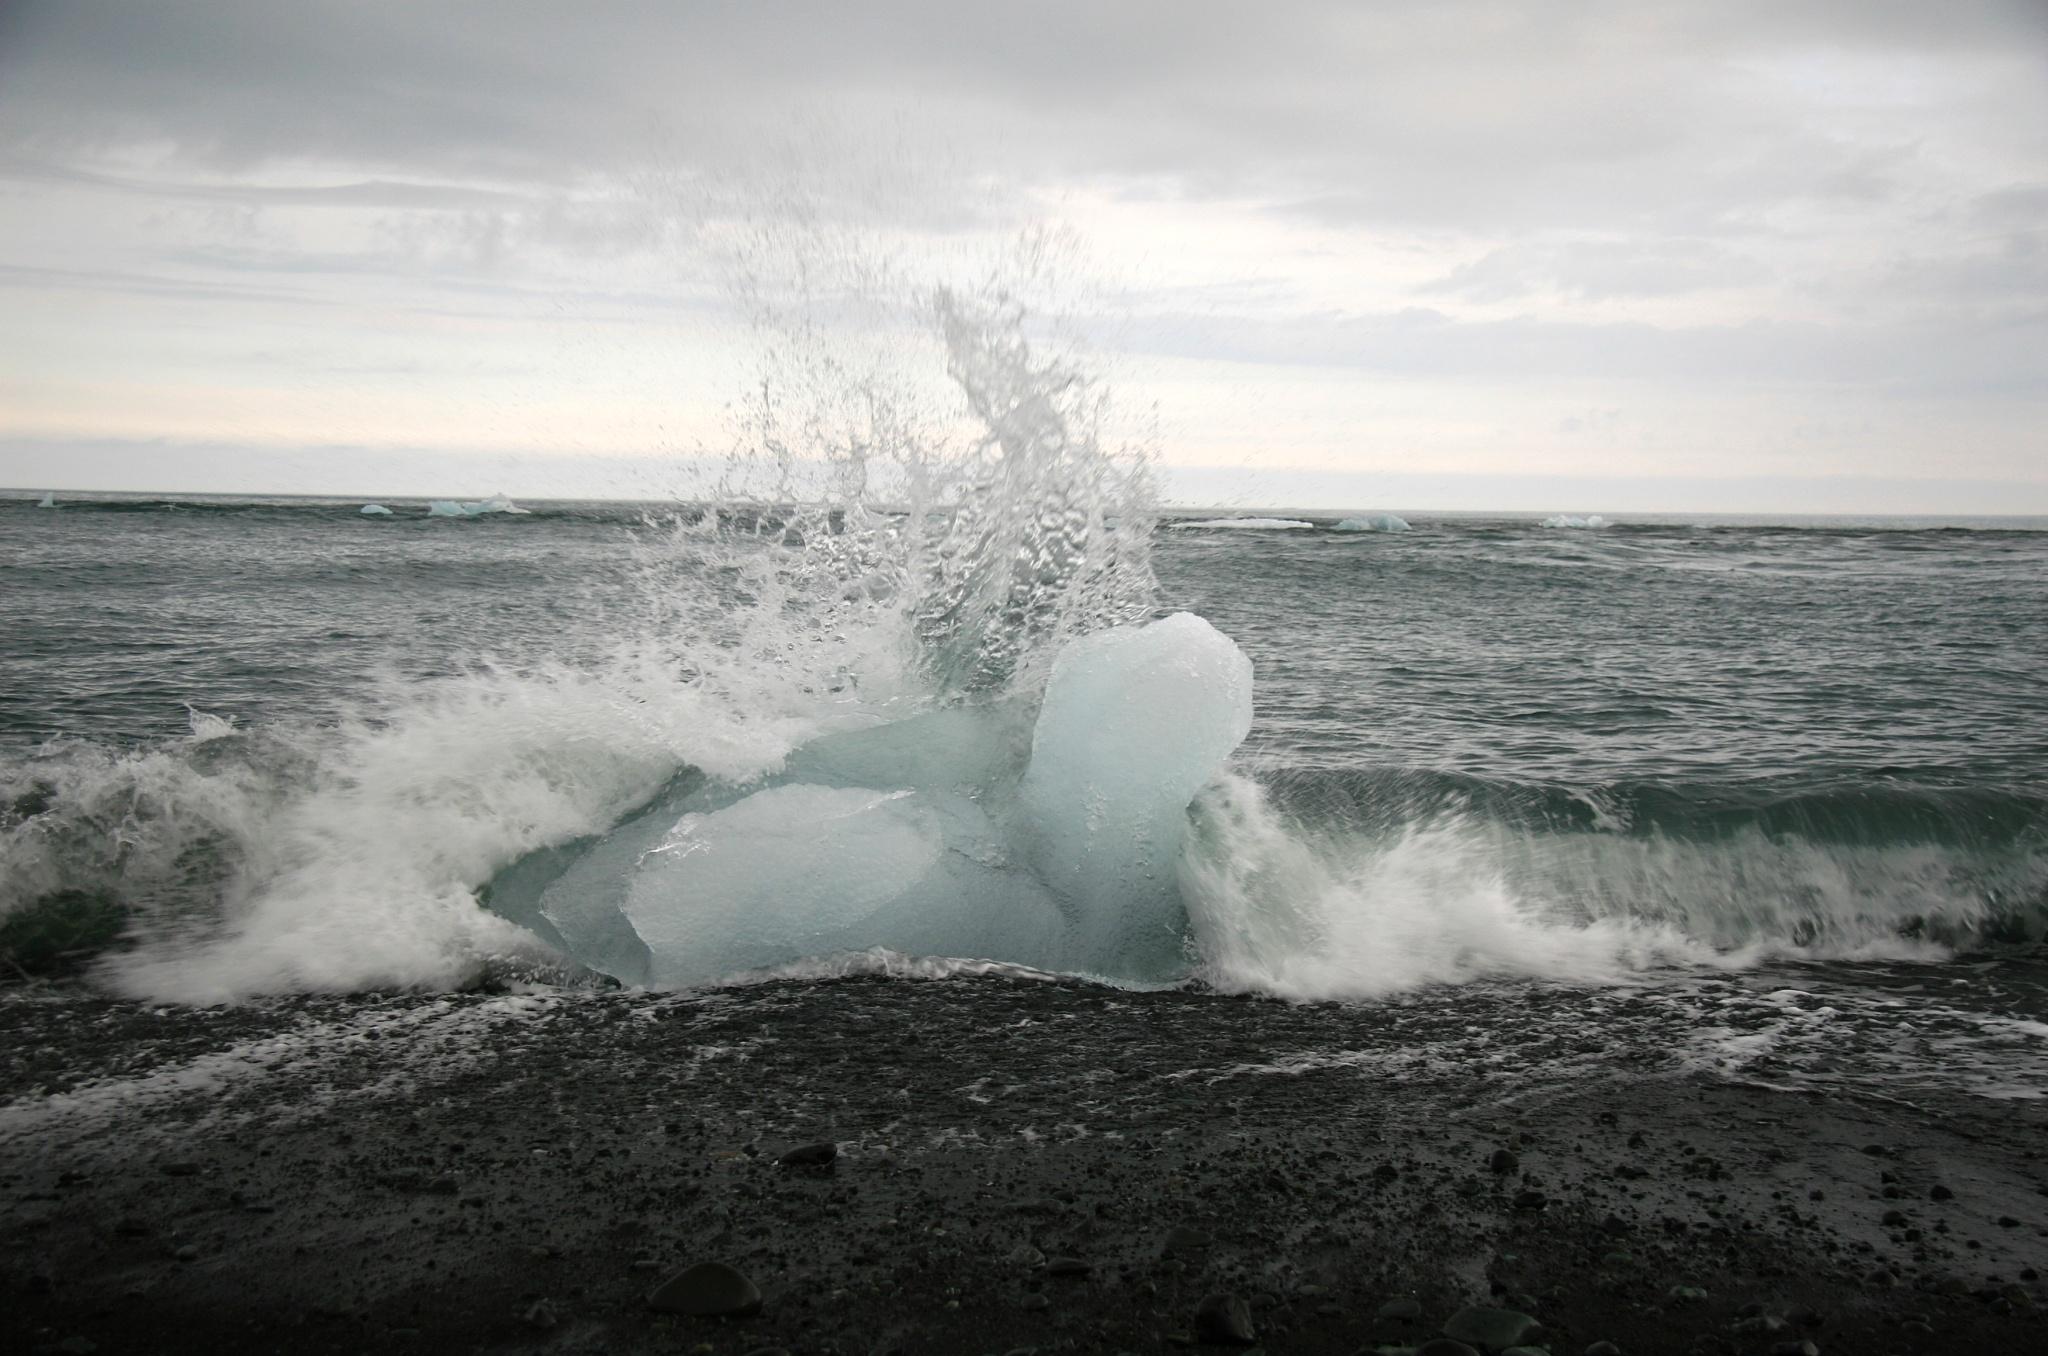 Moře, vlny, led...